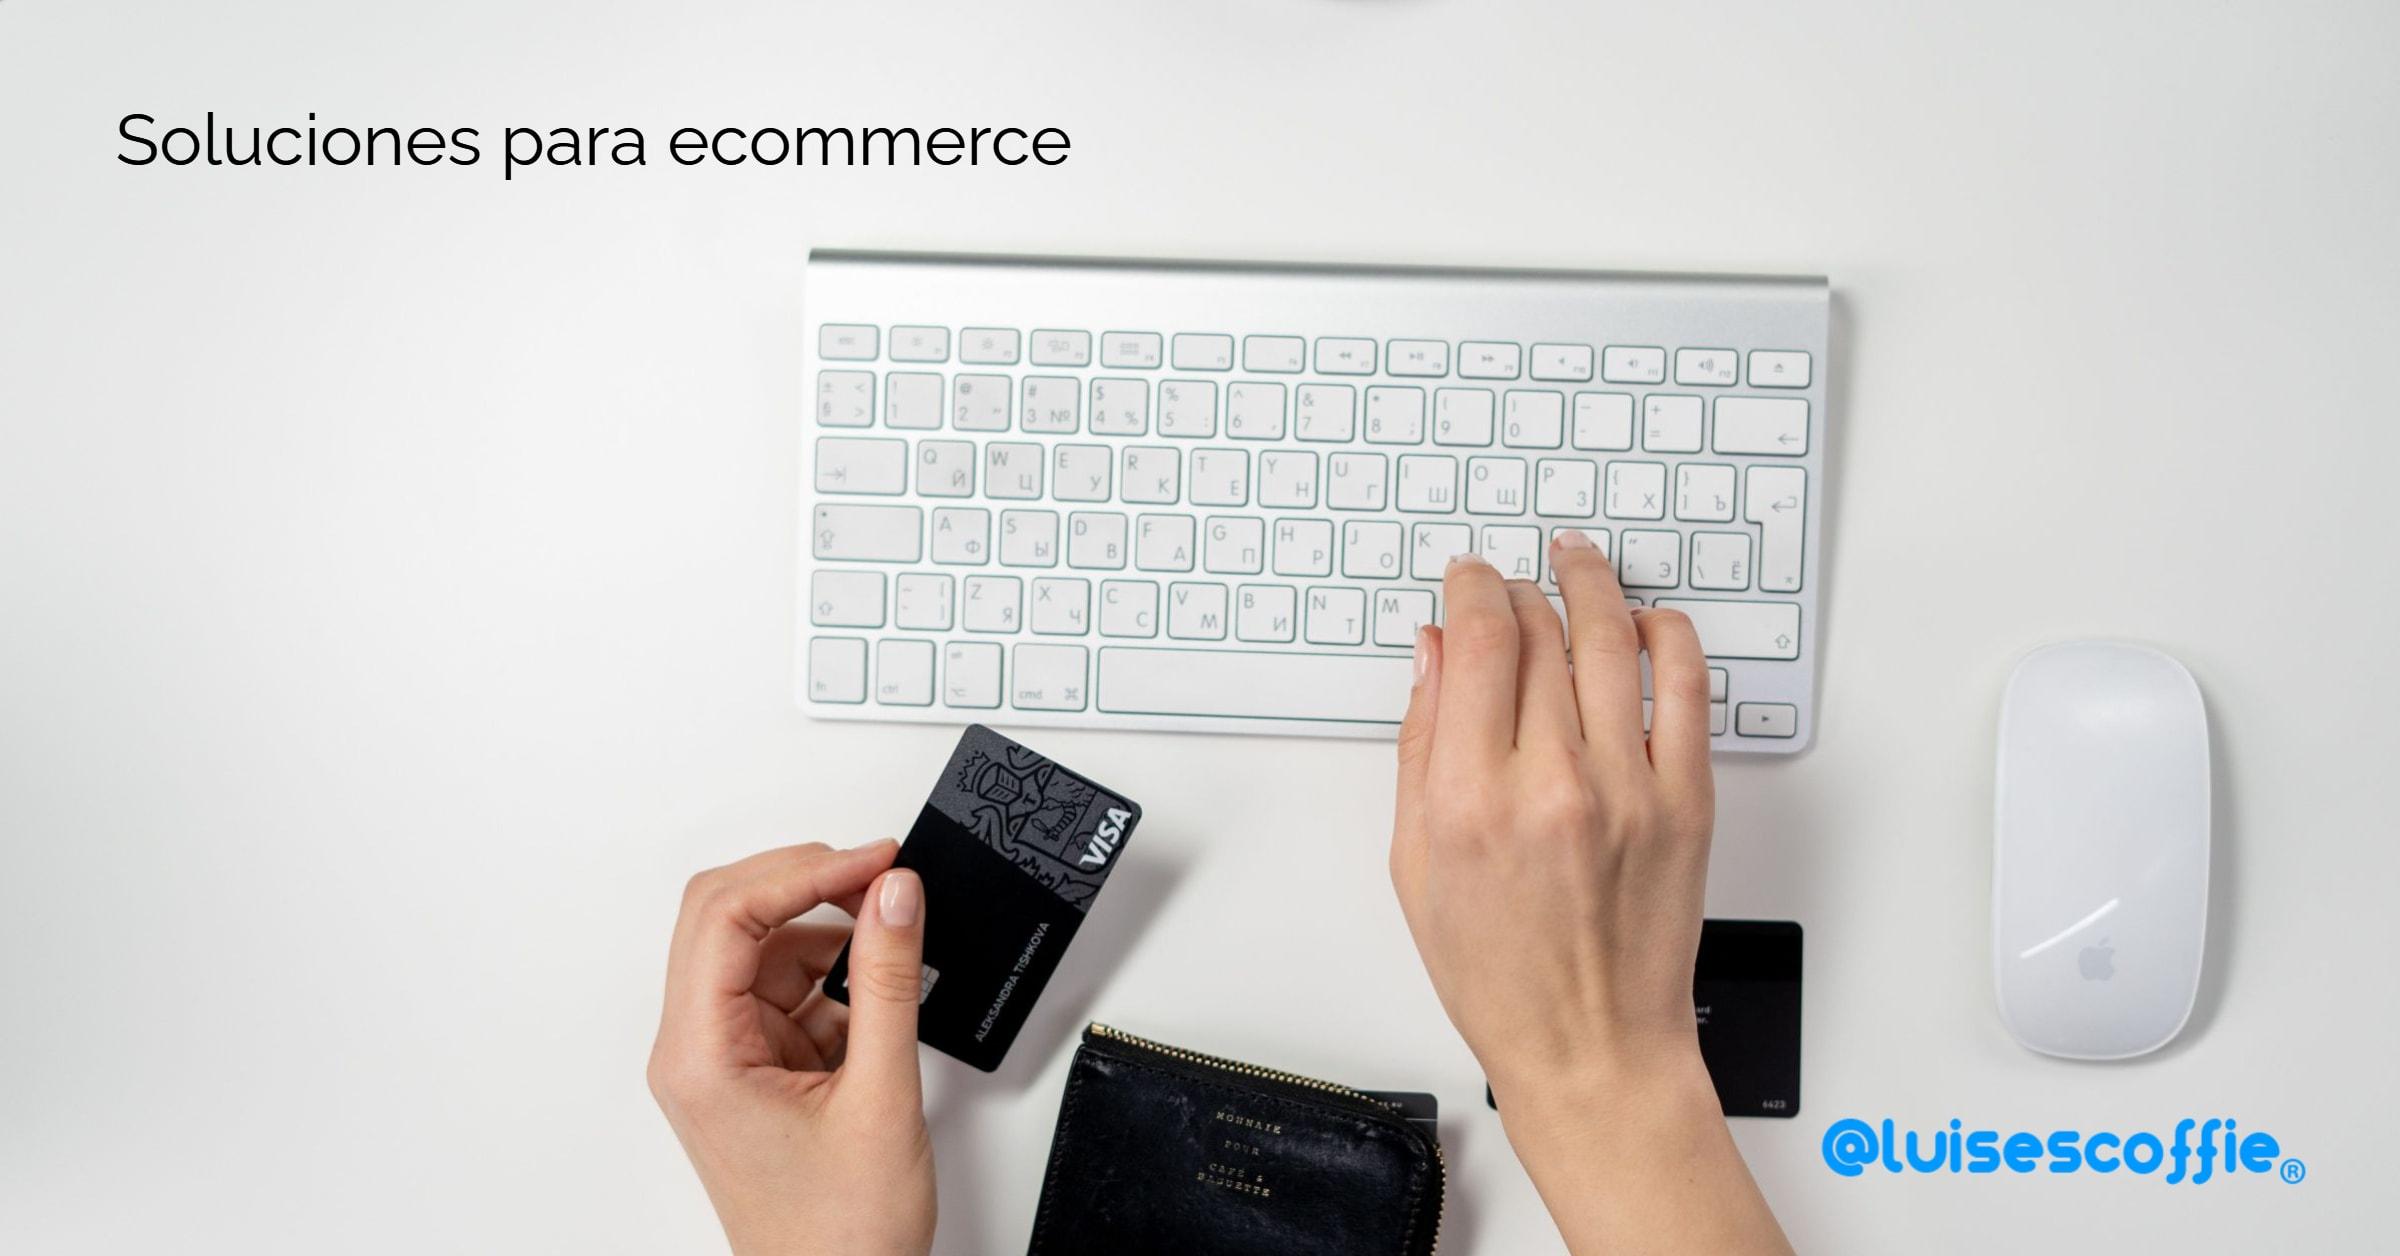 Soluciones a la medida para comercio electrónico - @luisescoffie